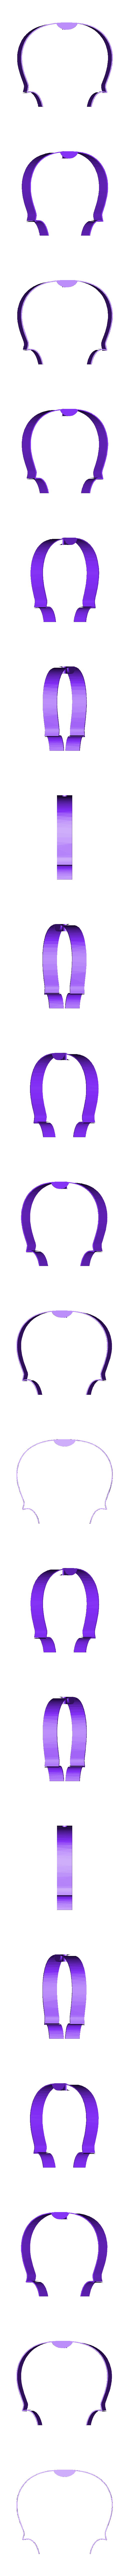 6-ribs-b.stl Download free STL file Violin • 3D print design, jteix